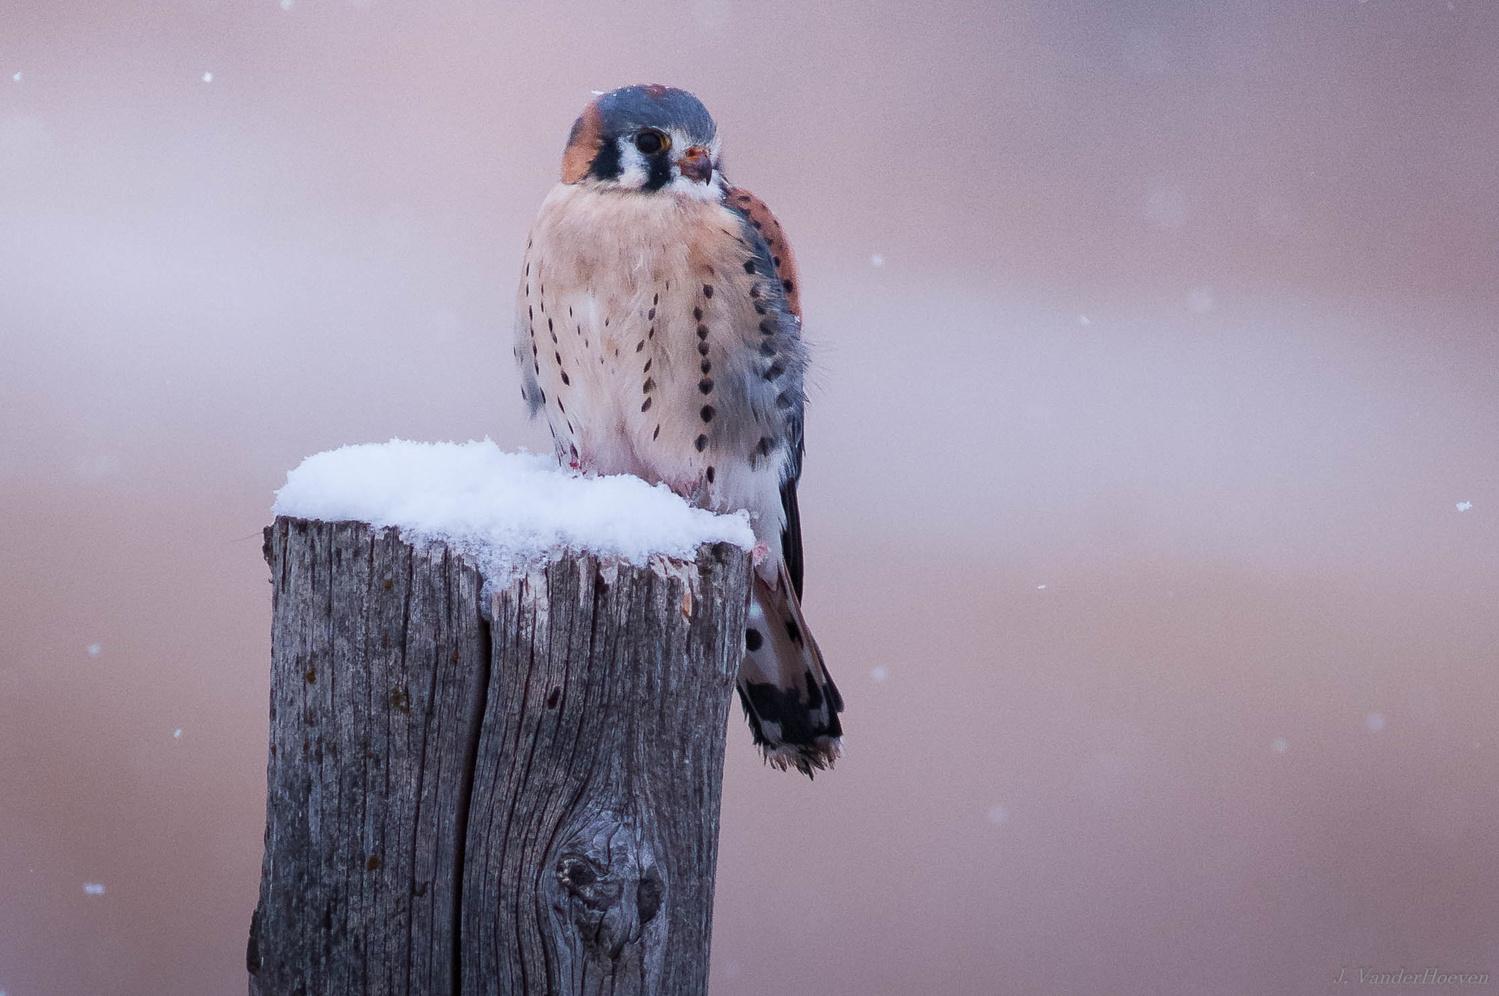 Seasons Greetings by Jake VanderHoeven